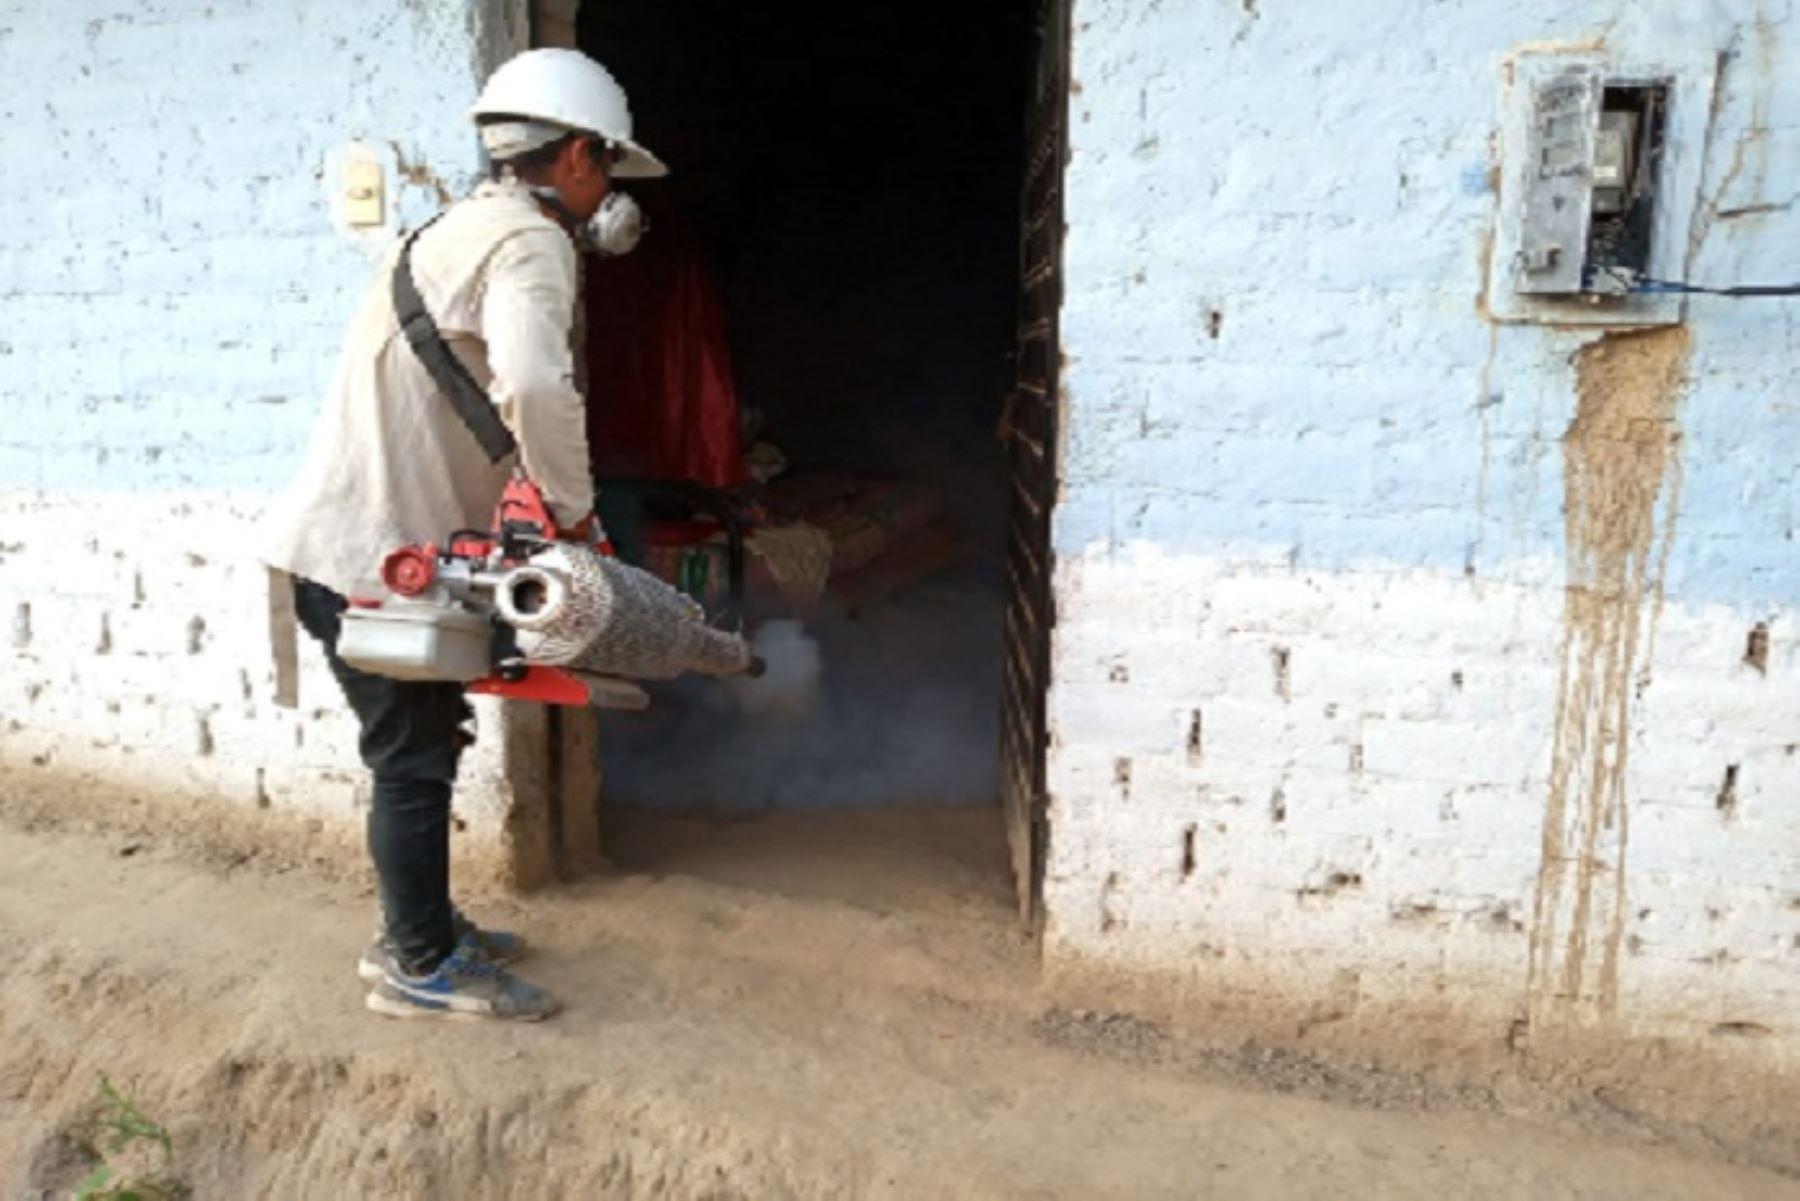 En lo que va del presente año, la Gerencia Regional de Salud Lambayeque reporta 102 casos acumulados de dengue, distribuidos en Ciudad Eten (14), Pomalca (1), José L. Ortiz (2), Ferreñafe (3), Olmos (15), Túcume (1) y Motupe (66).